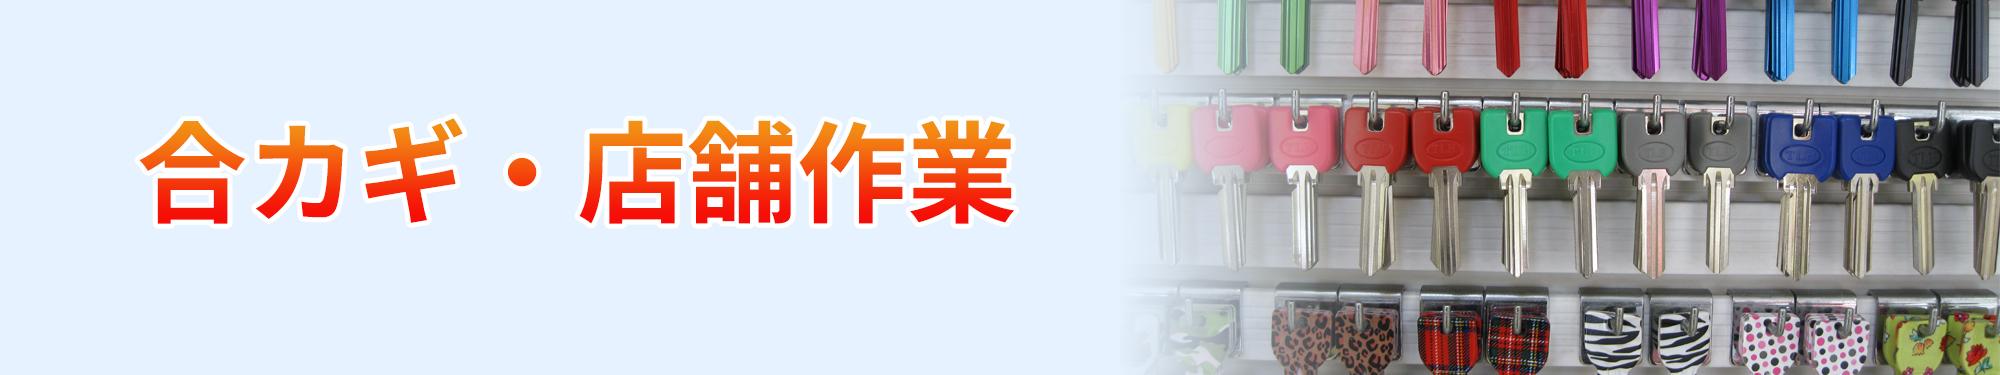 合カギ・店舗作業